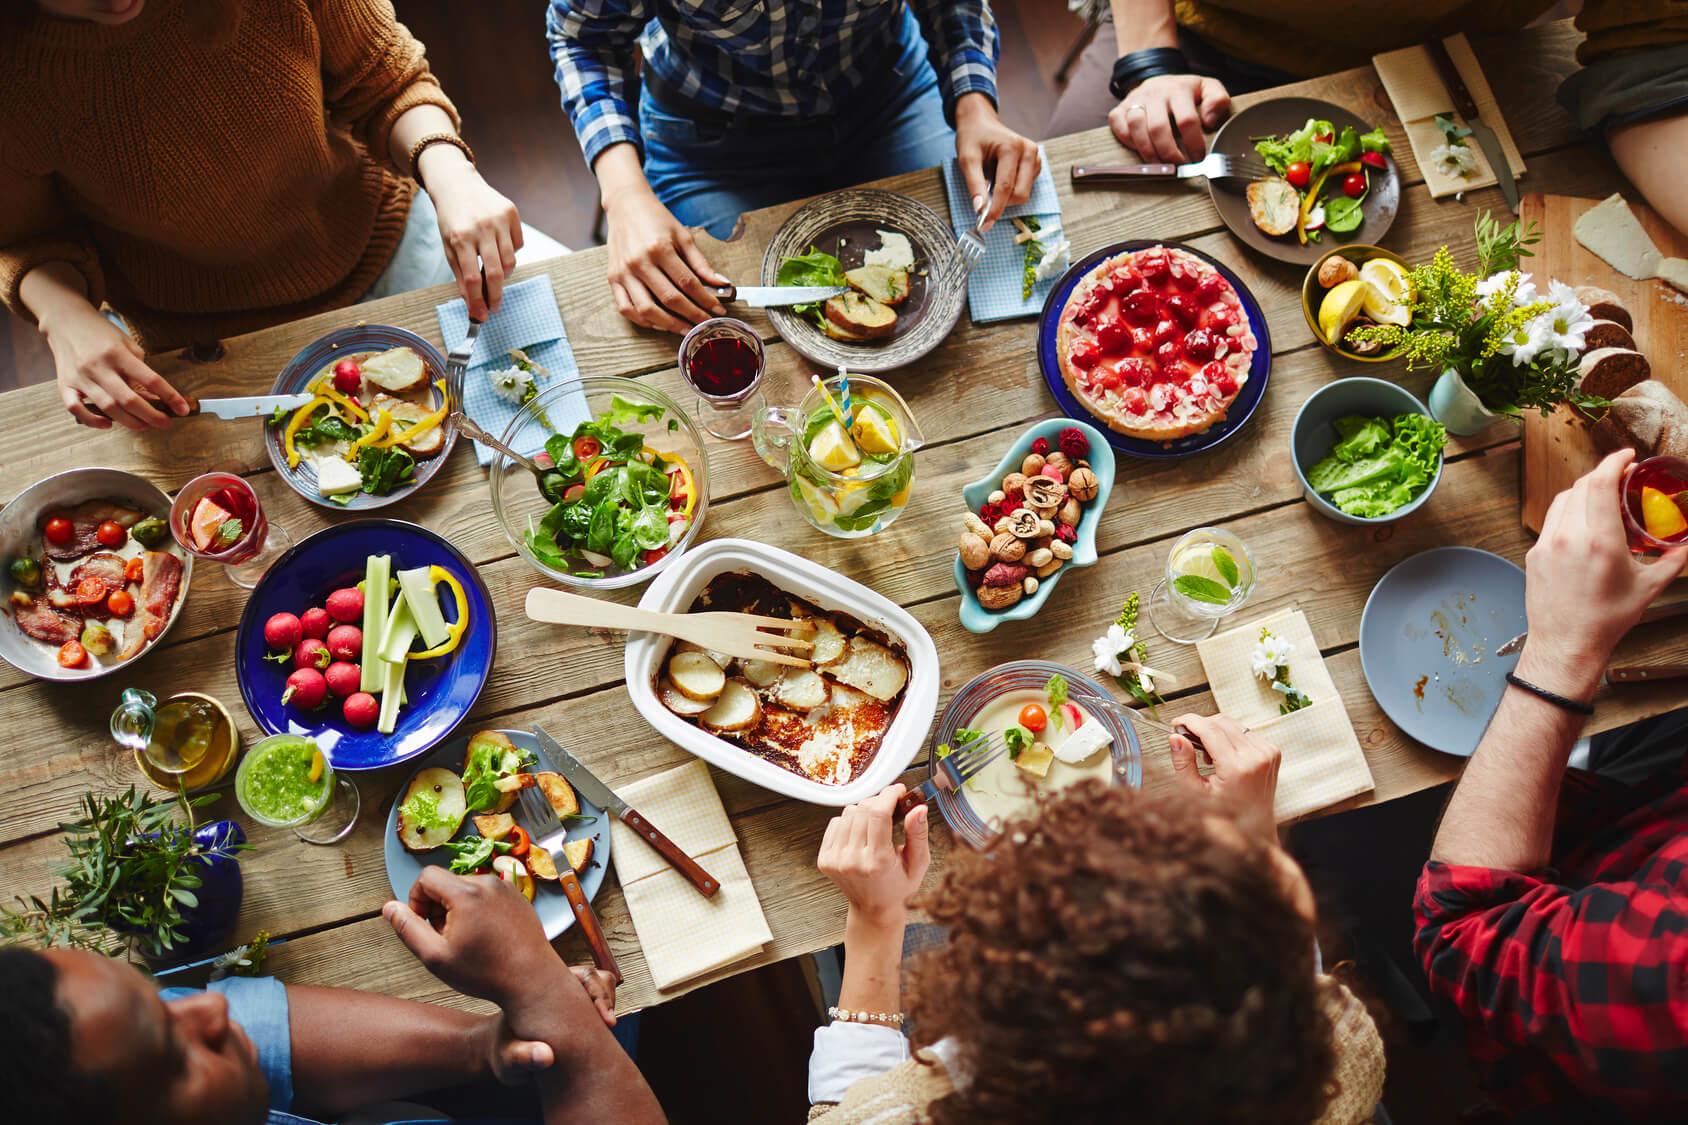 Zašto-јe-hrana-zdravlje-i-koji-principi-ishrane-postoje